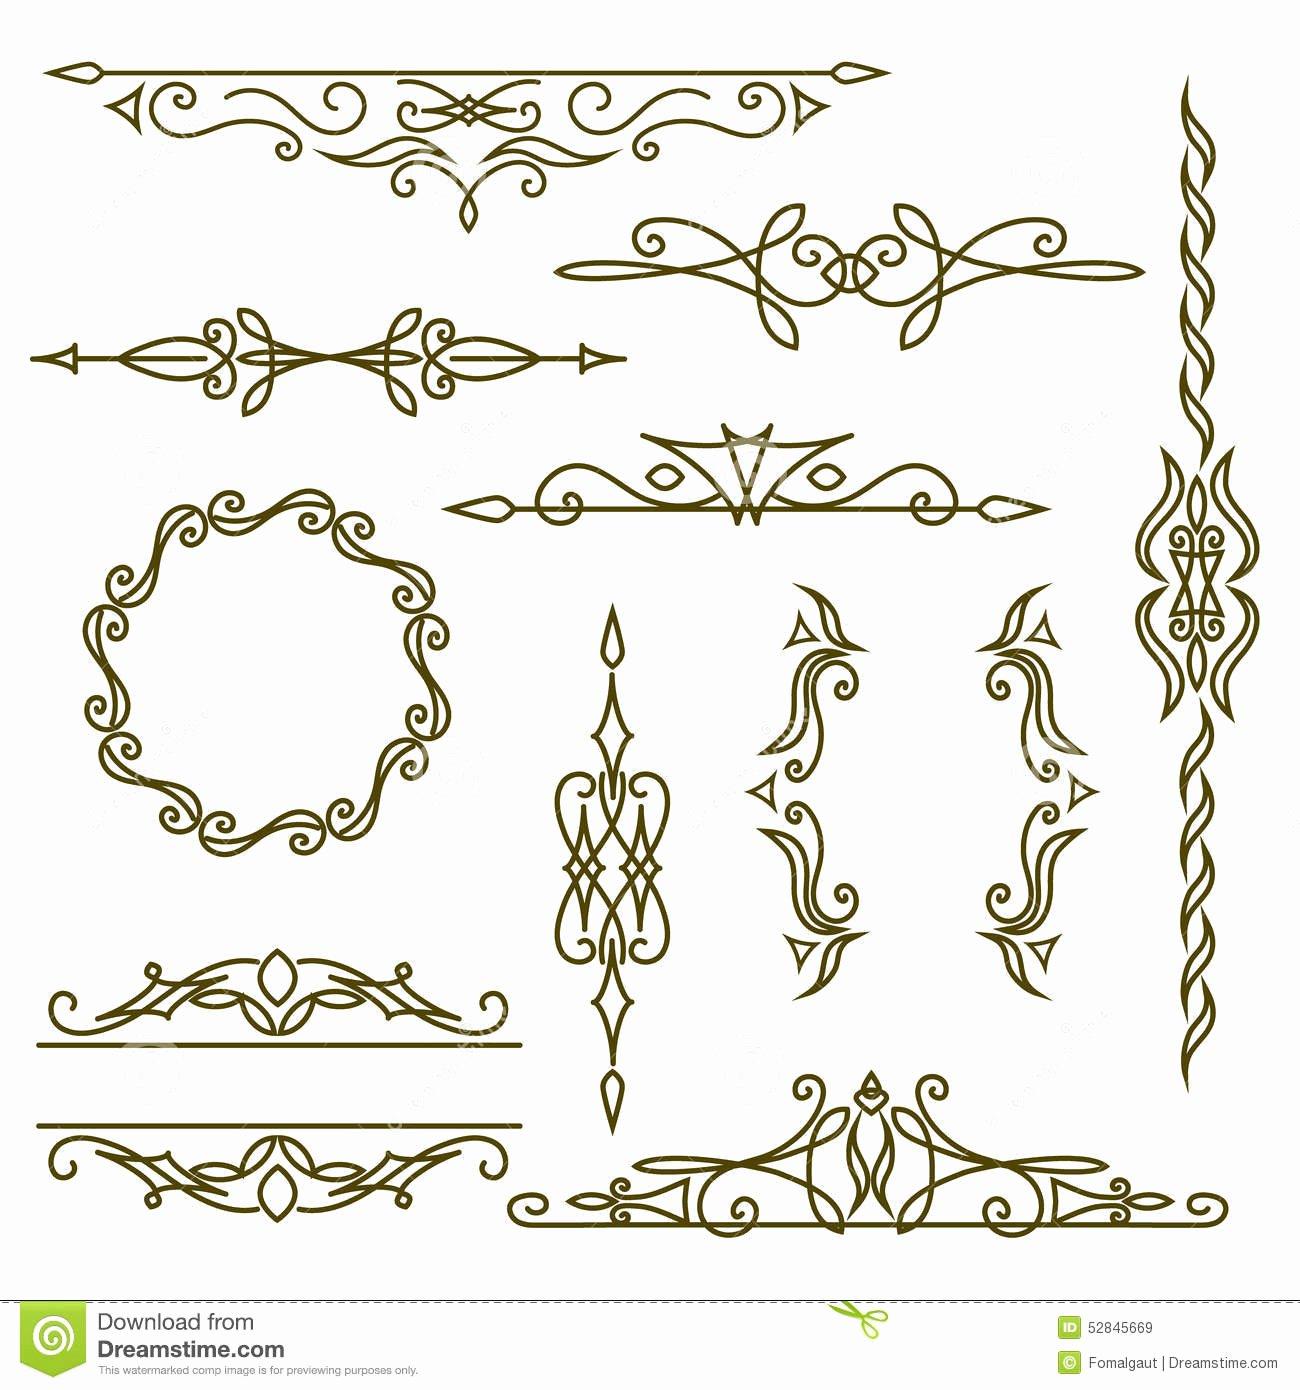 Free Wedding Monogram Template Elegant Elementi Di Pro Tazione Del Monogramma Modello Grazioso